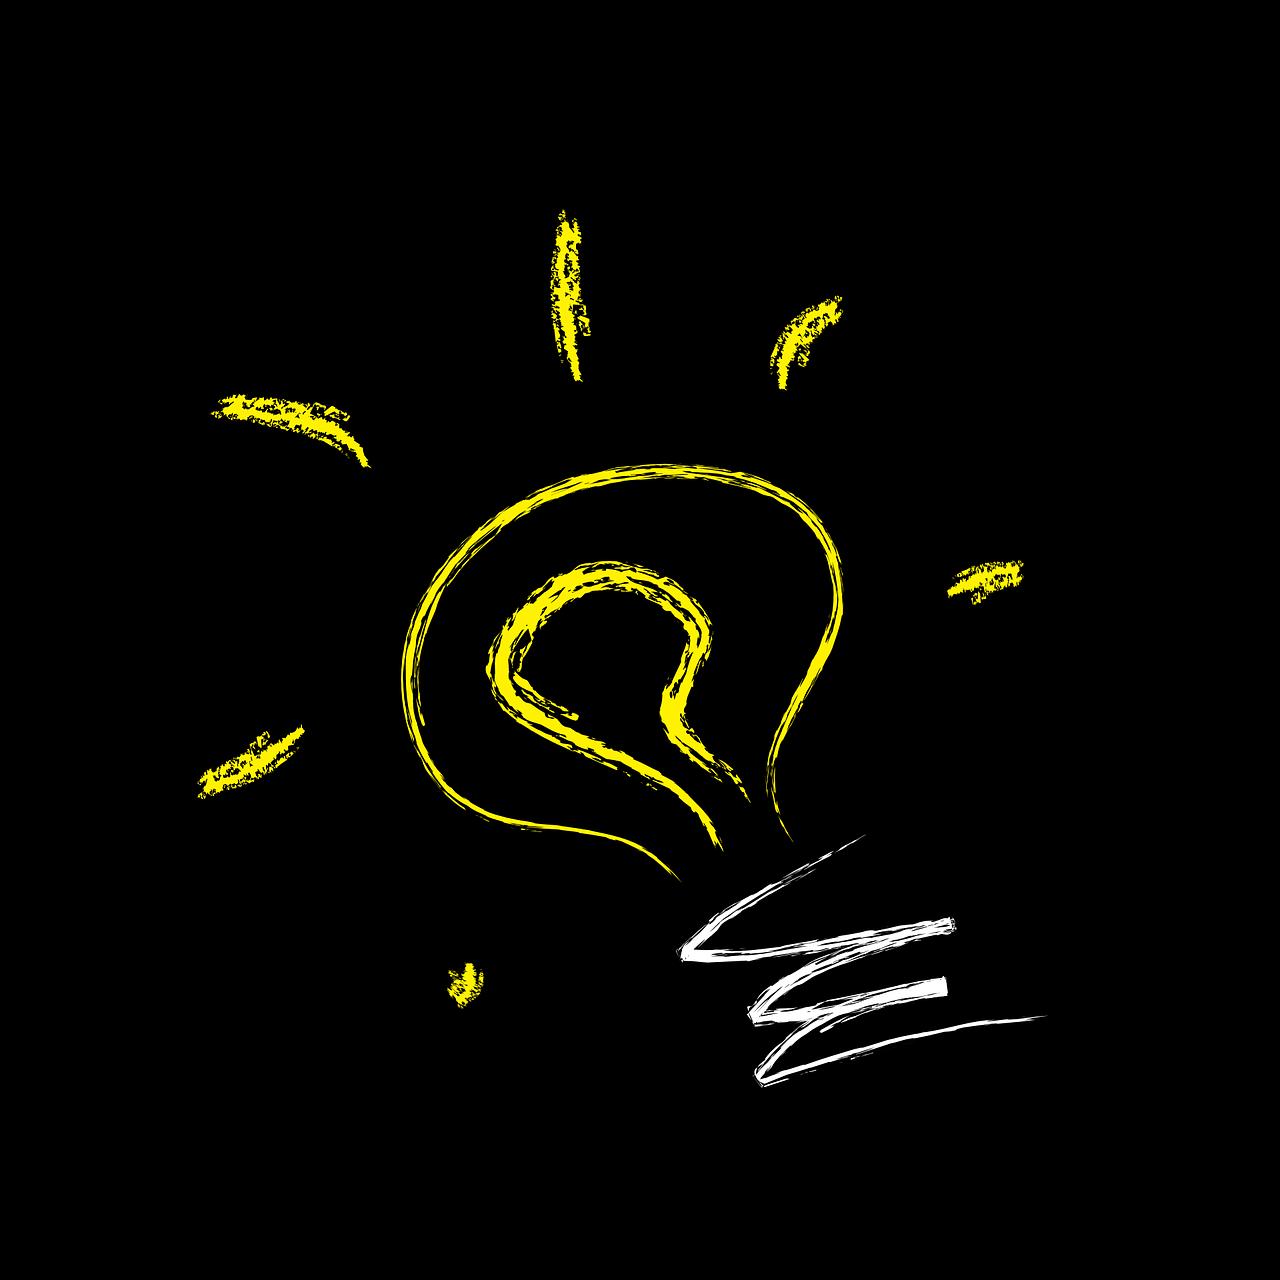 Image of a lightbulb.